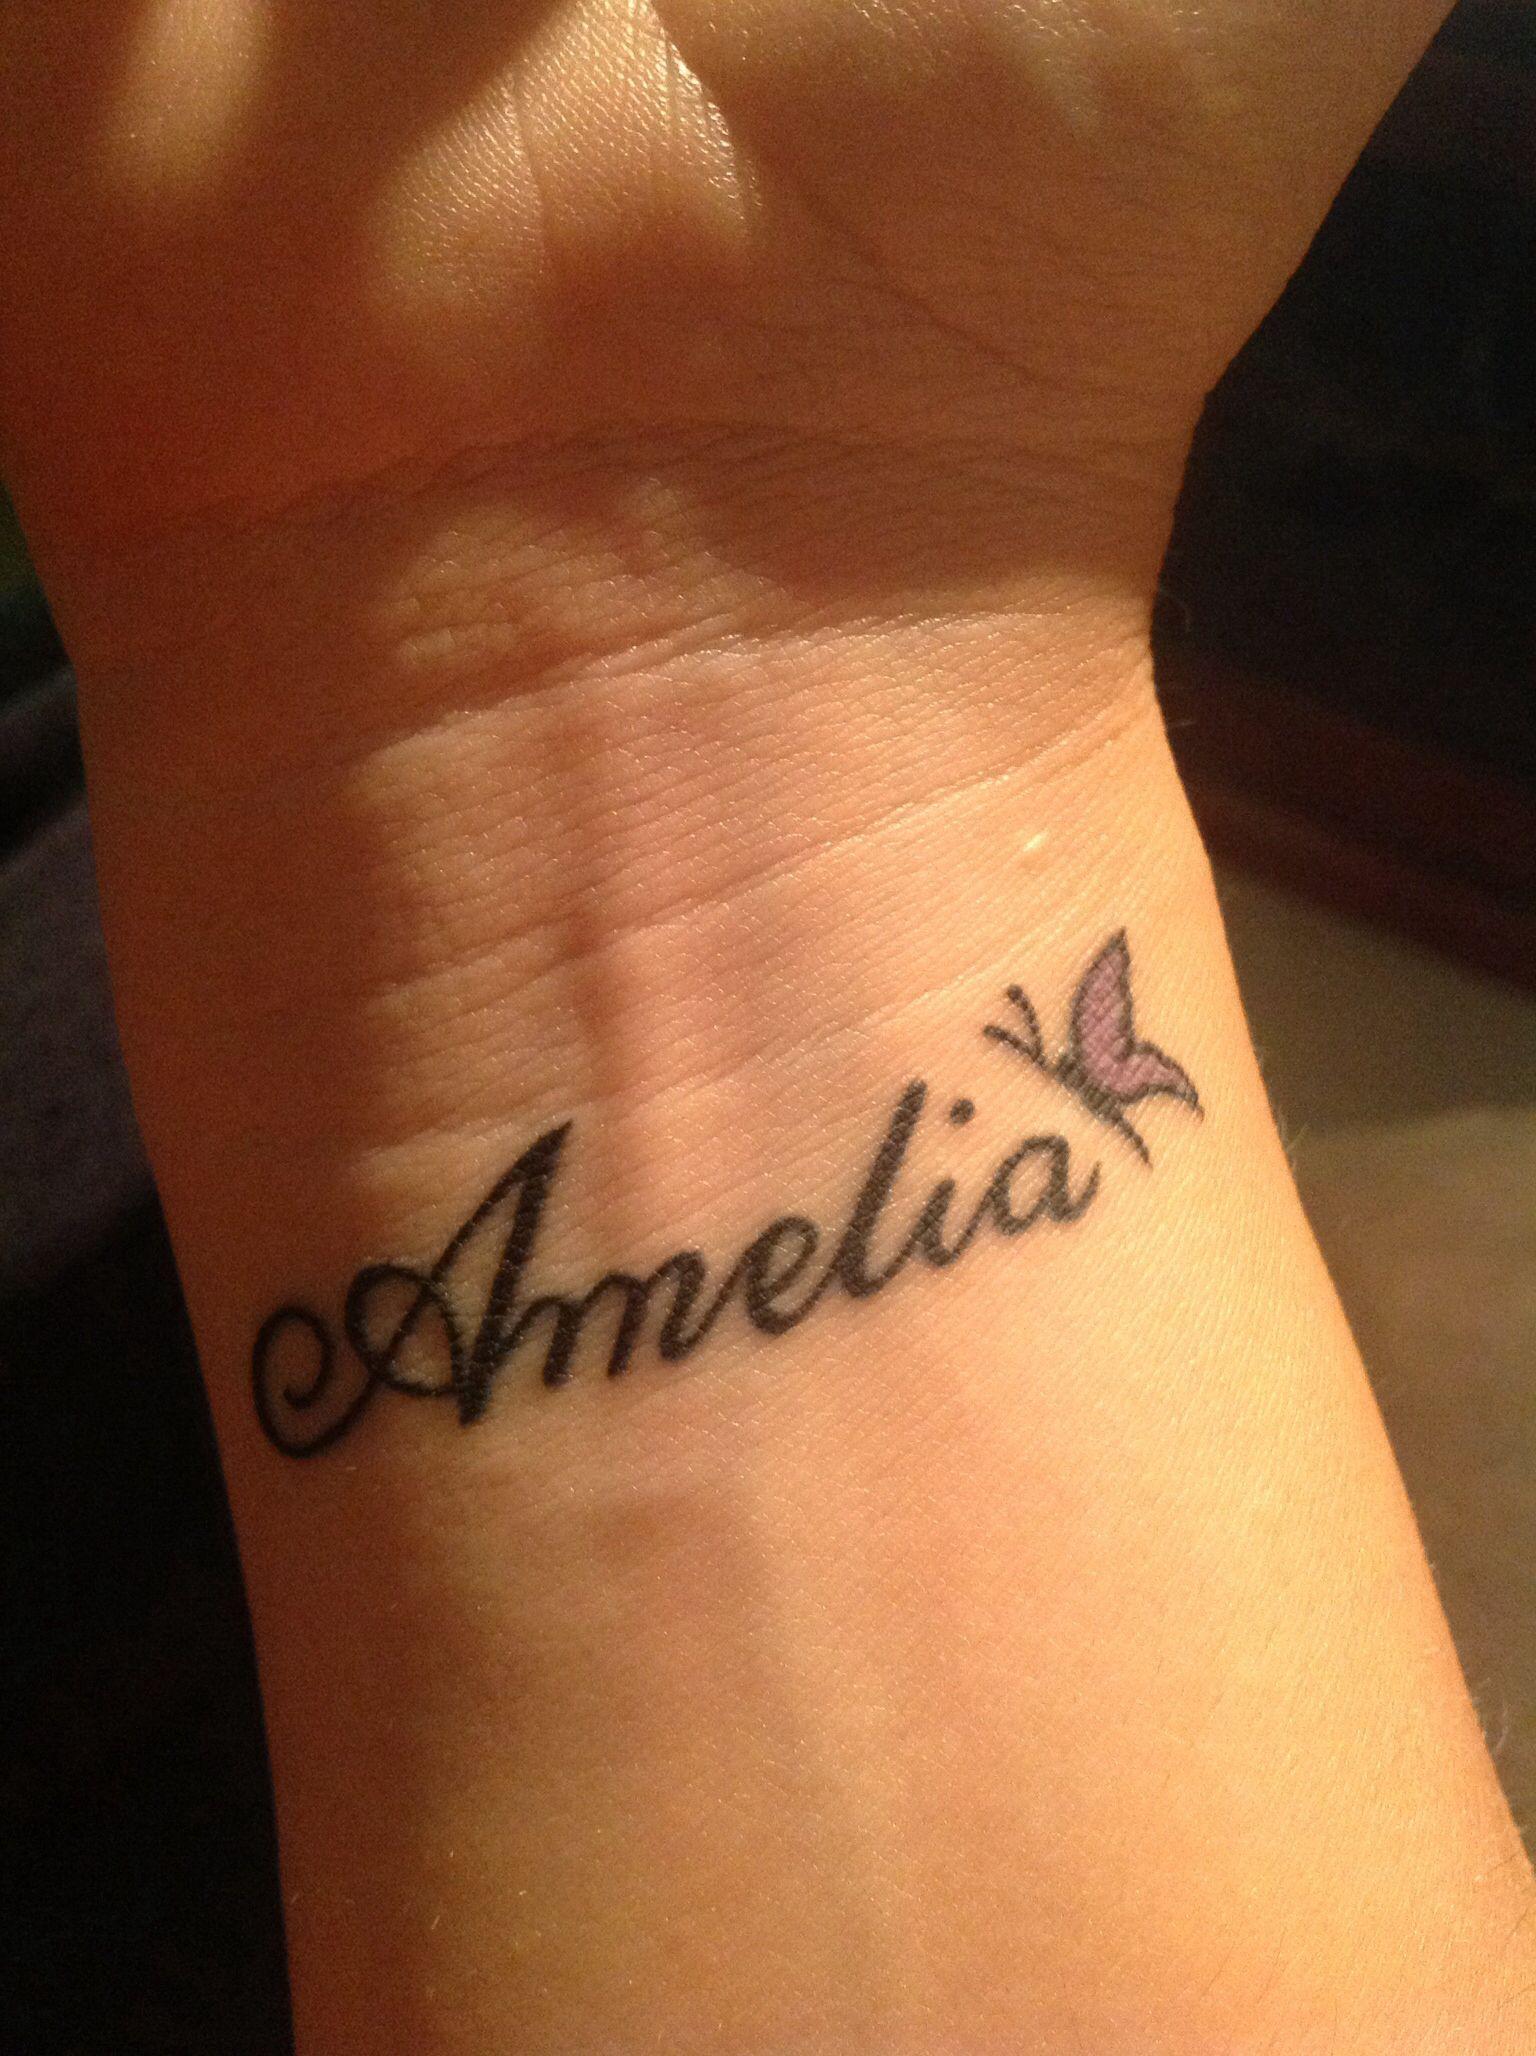 фото тату с именем евгения расположение, приятные цветовые